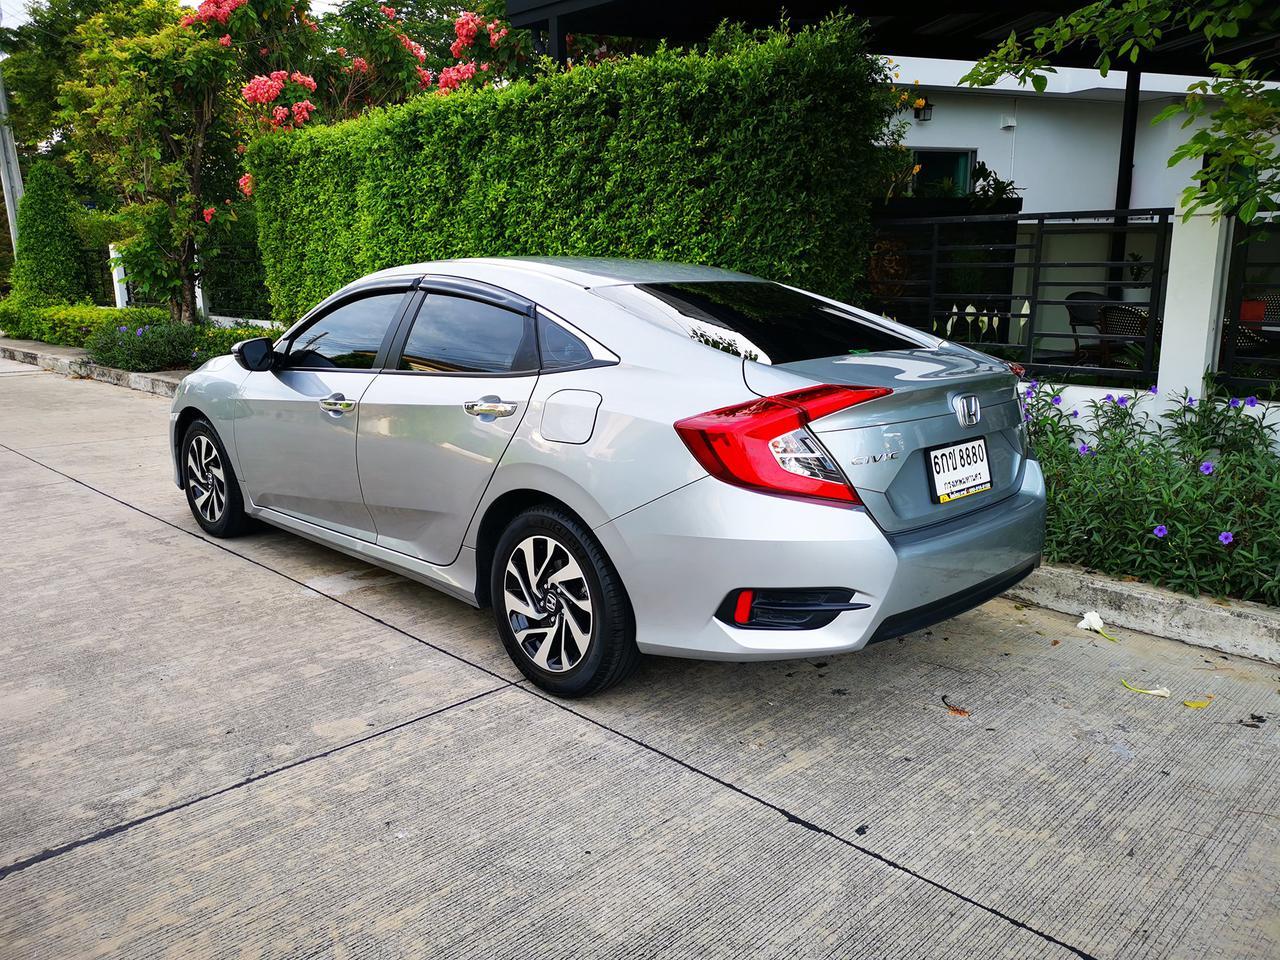 ขายรถ ฟรีดาวน์ Honda Civic รุ่นท๊อปสุด 1.8 EL ปี 2017 ไมล์แท้ เข้าศูนย์ตลอด มือเดียวจากป้ายแดง รูปที่ 2